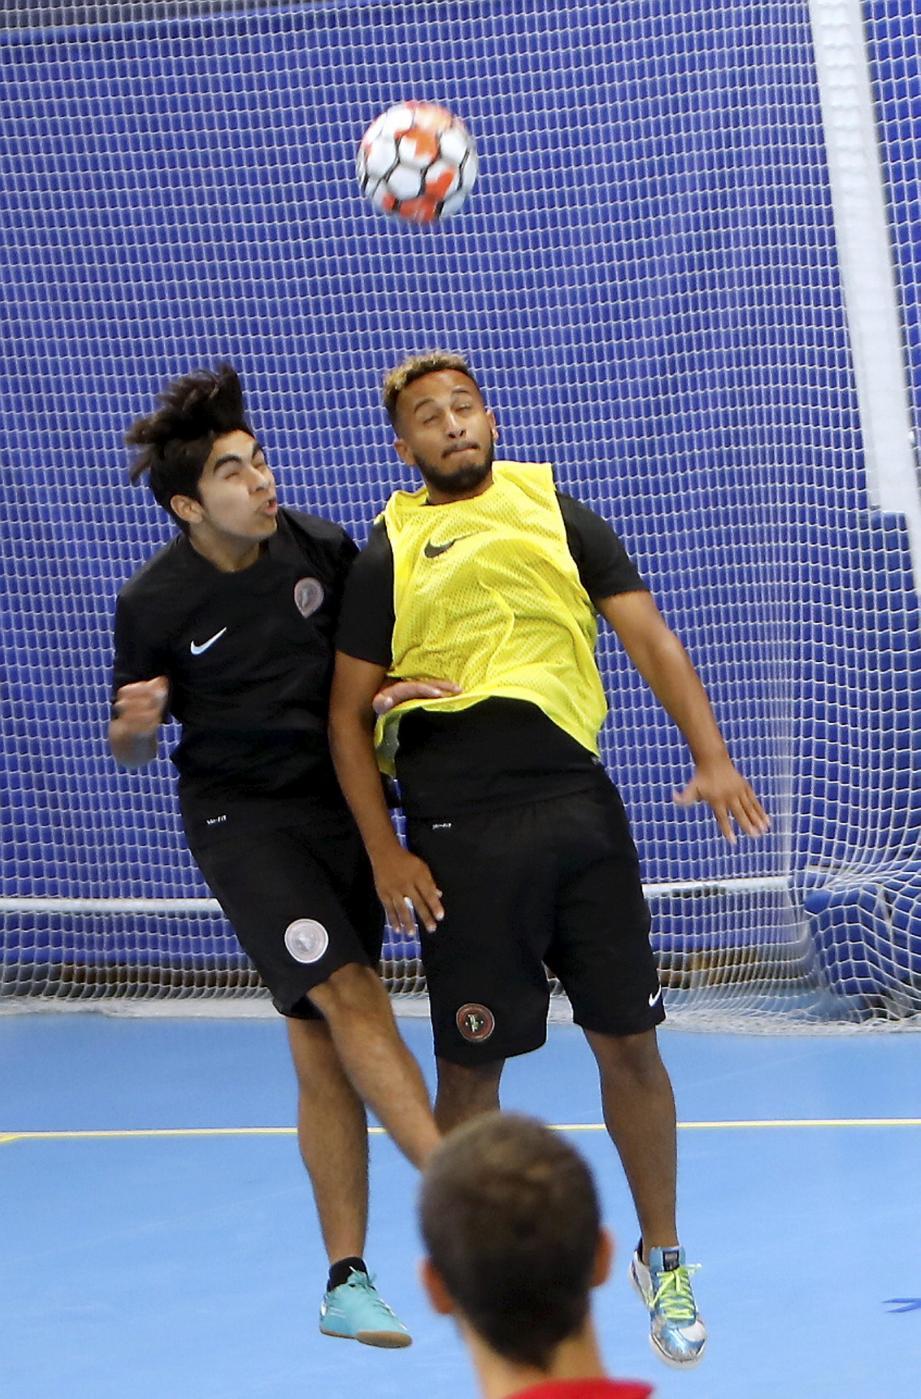 Santiago Raymond (à gauche) s'entraîne déjà avec l'équipe une du TEF.